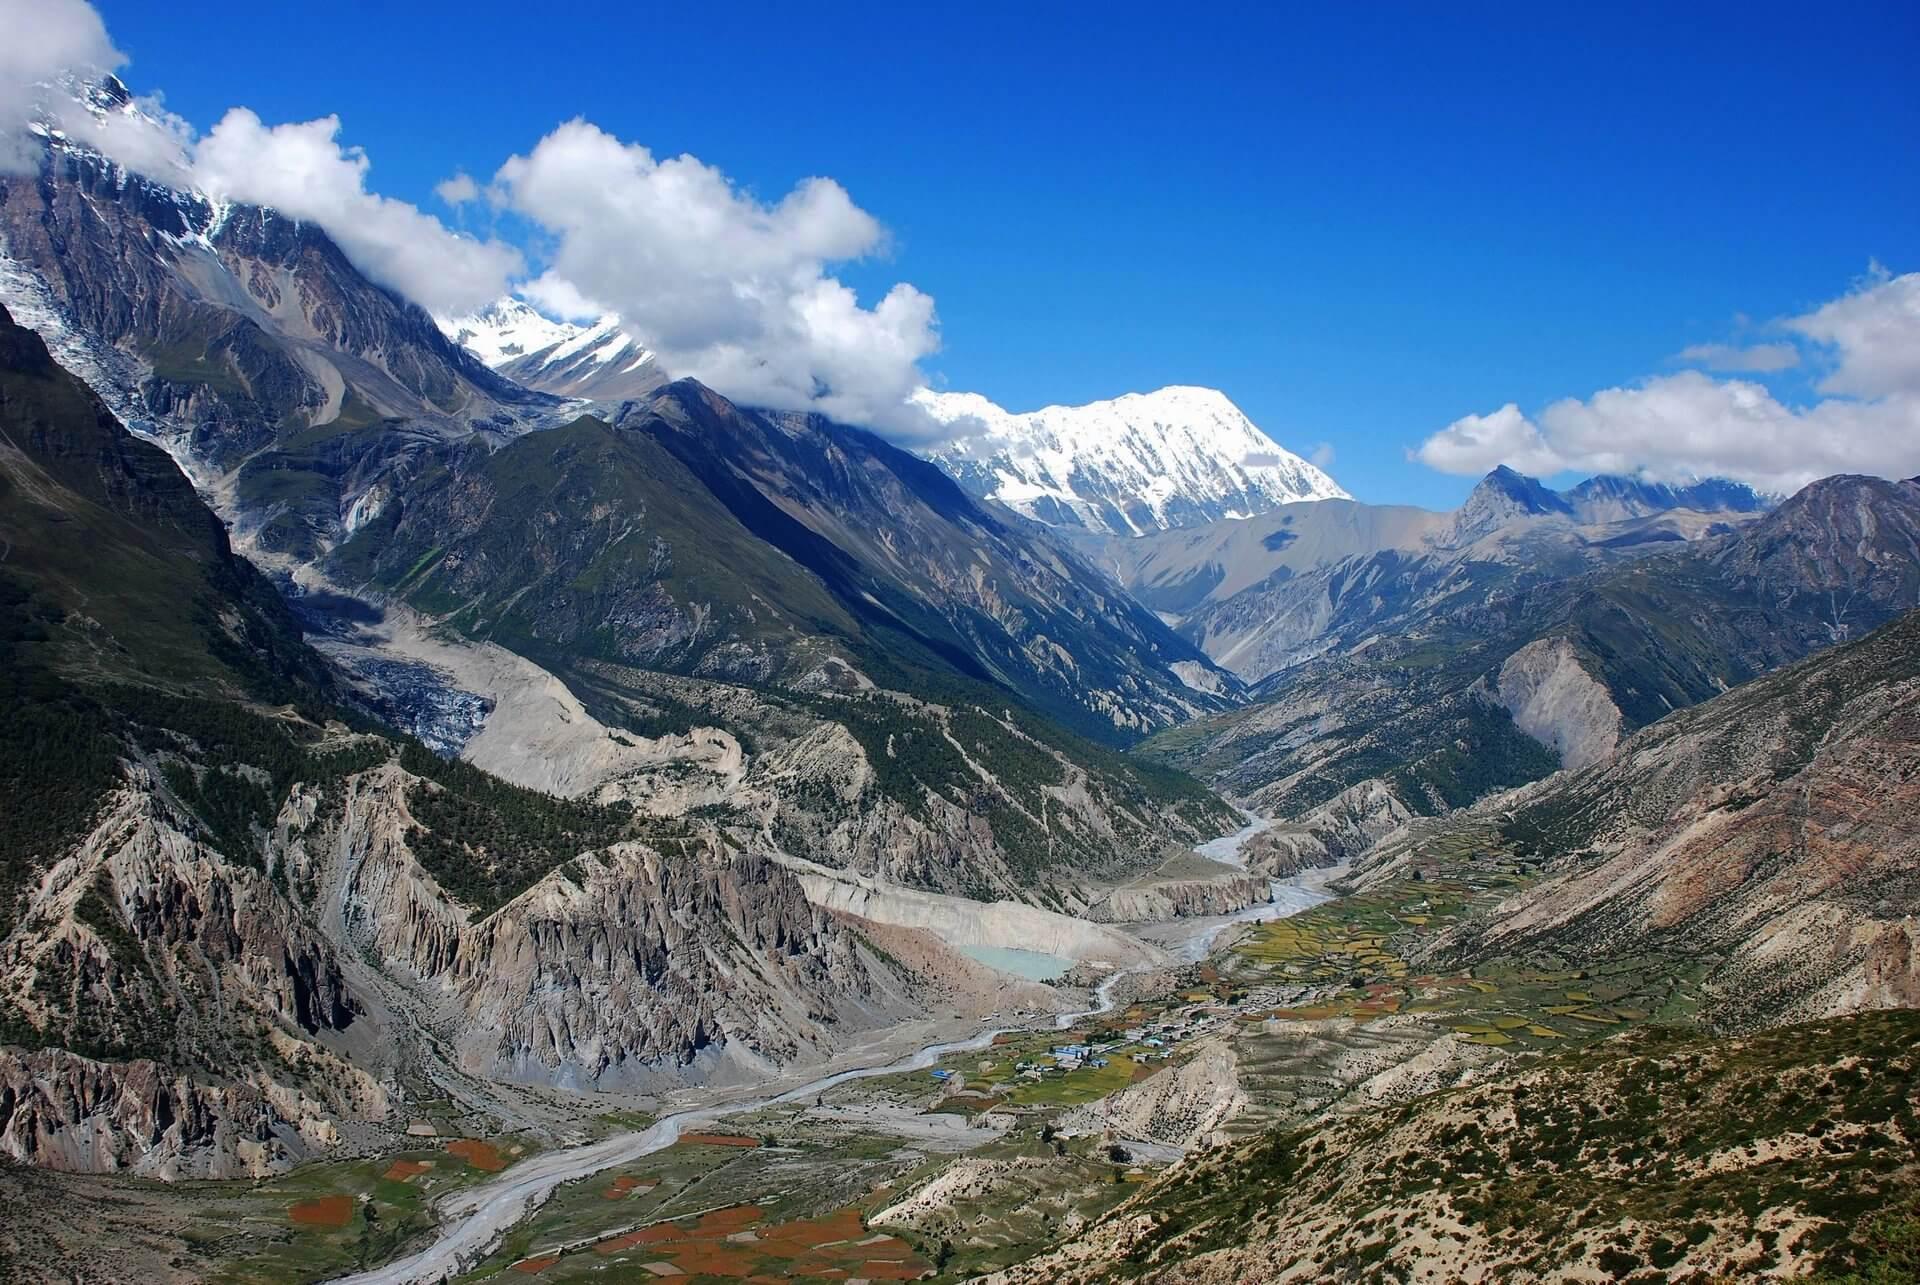 Dolina na podejściu do bazy pod przełęczą Thorung La.